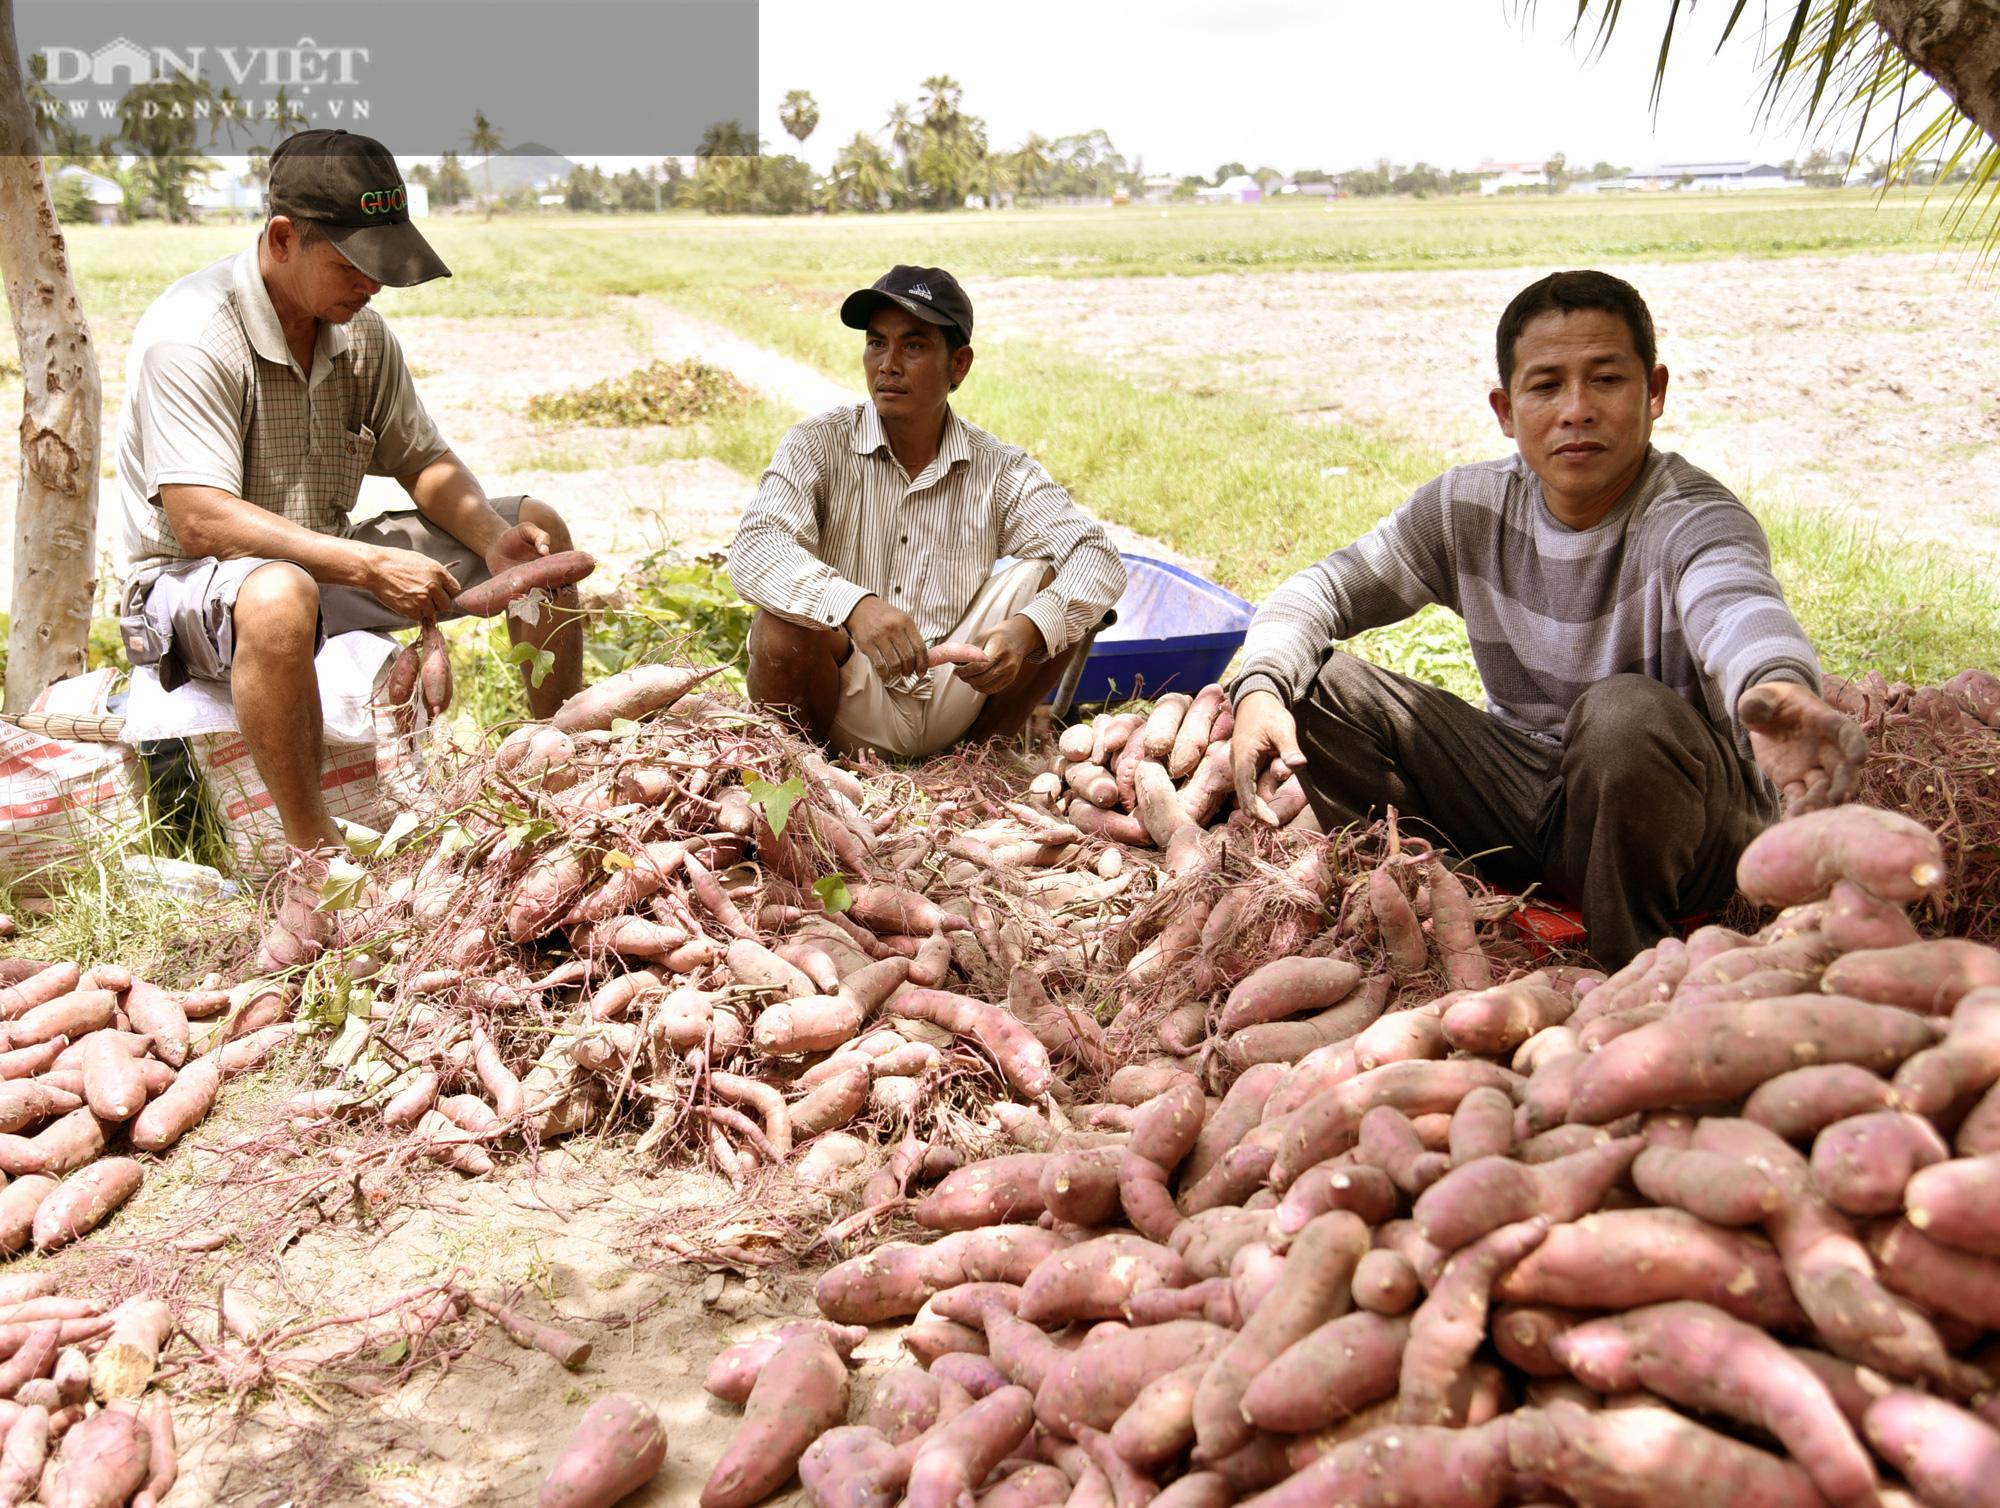 Về xứ thơ cùng xem nông dân trồng đặc sản khoai lang Mỹ Đức theo kiểu trời cho - Ảnh 2.